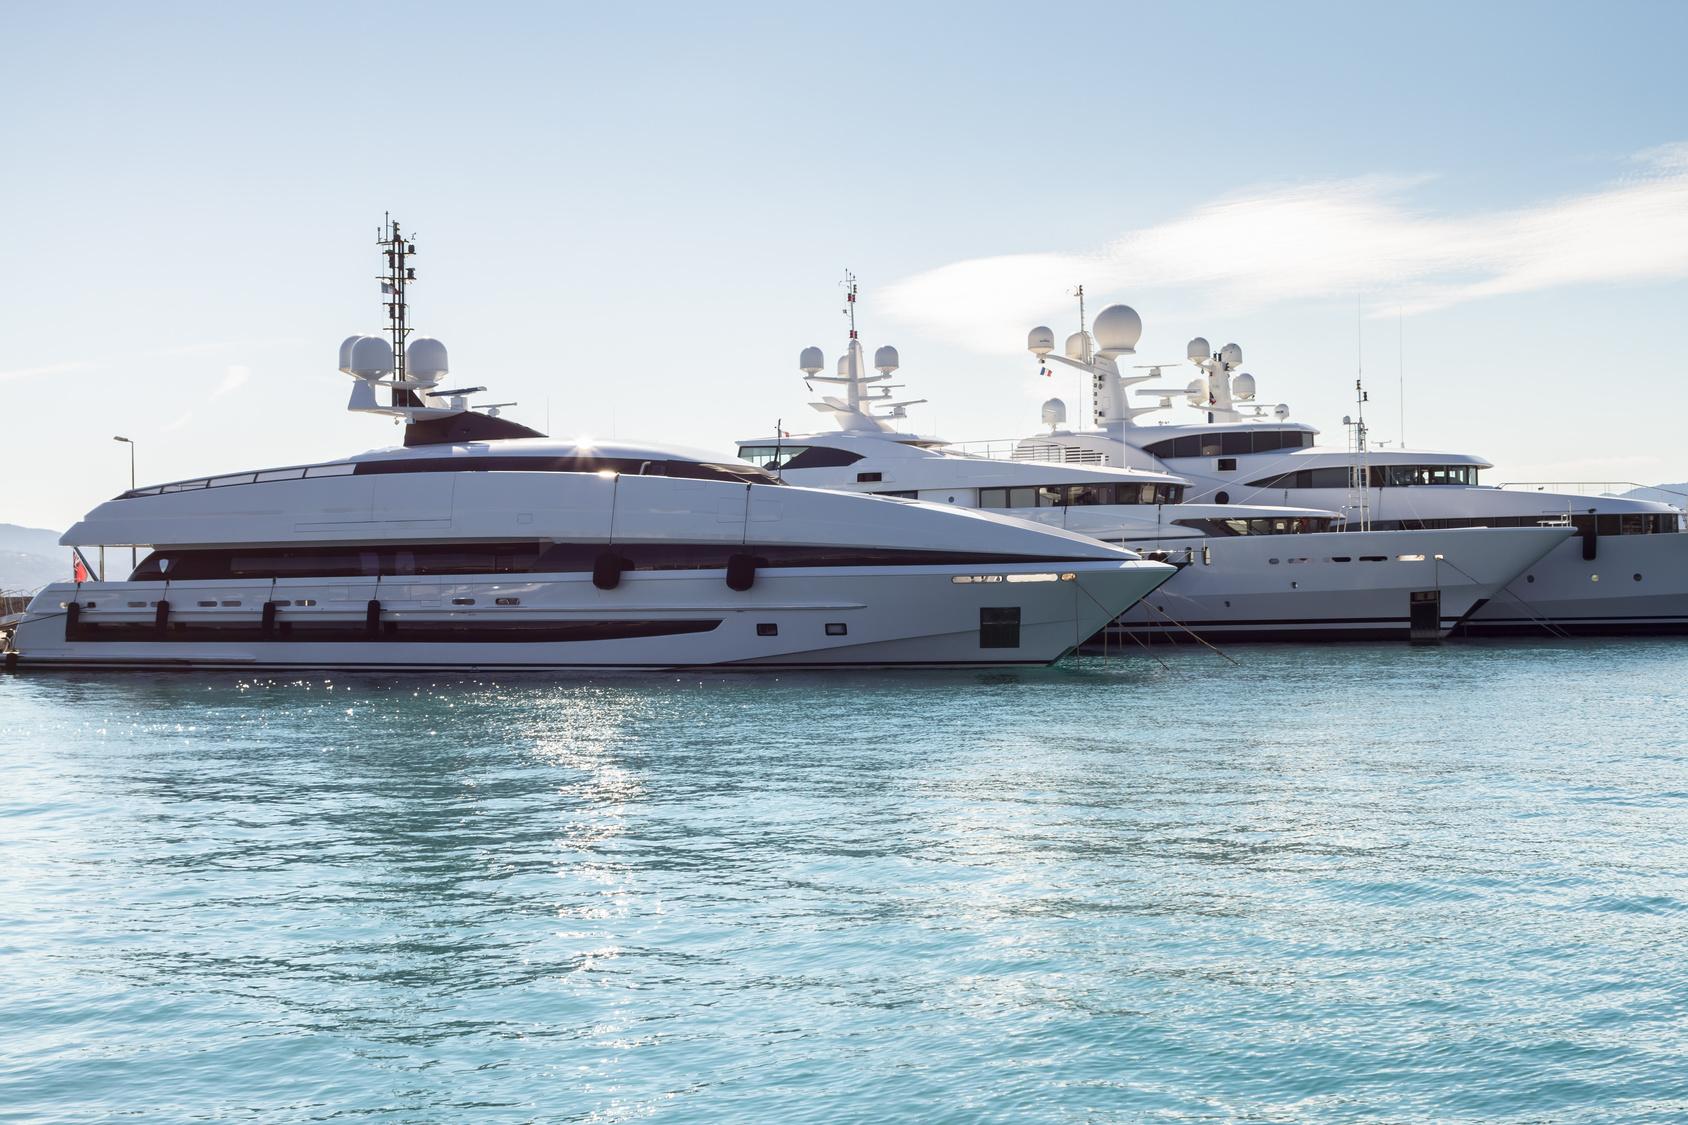 Jetzt wird es opulent – Große Yachten willkommen (Titelbild)